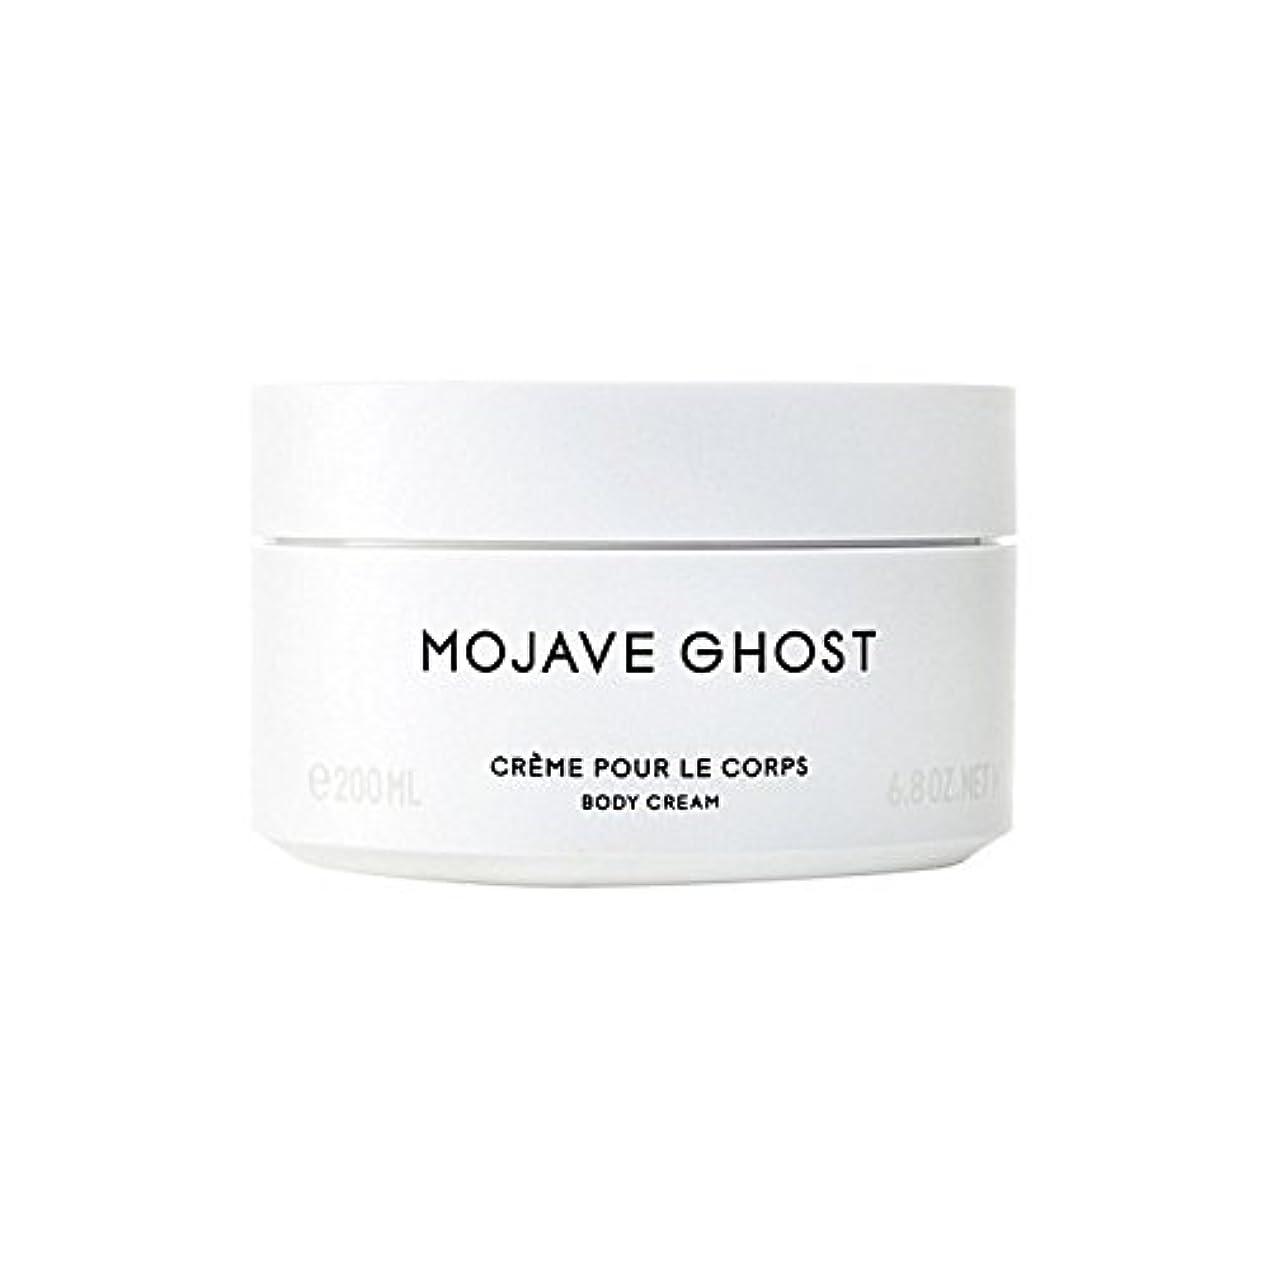 言語校長シングルモハーベゴーストボディクリーム200ミリリットル x2 - Byredo Mojave Ghost Body Cream 200ml (Pack of 2) [並行輸入品]